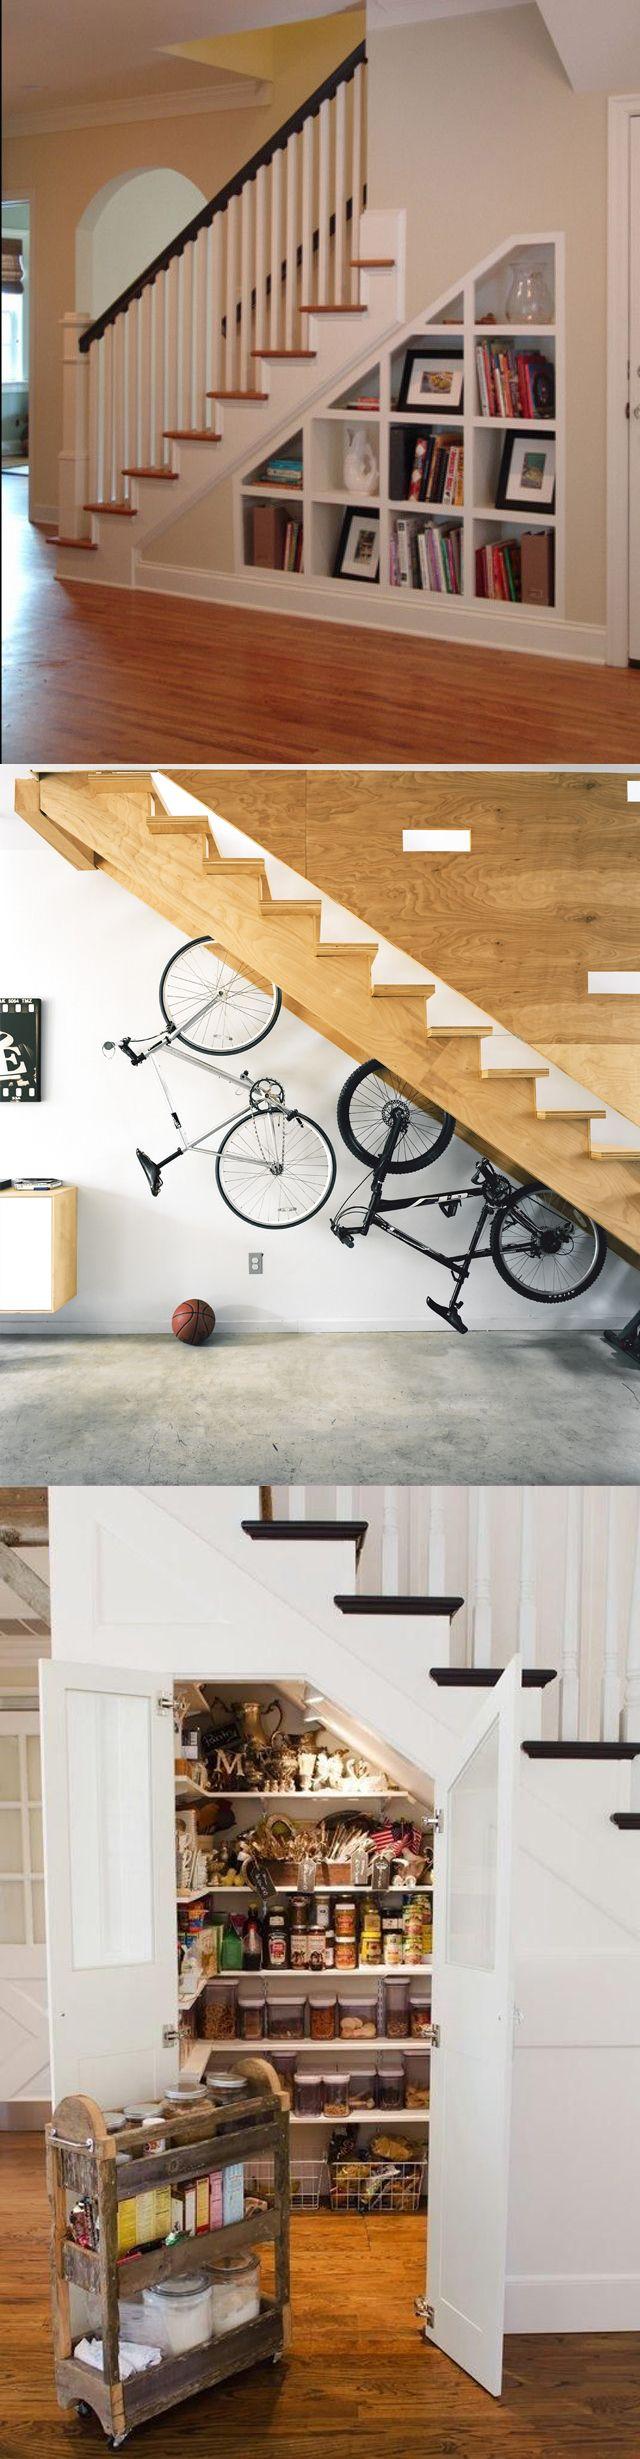 Und was bewahrt ihr unter der Treppe auf? Unten ein paar Beispiele, wie kann man den Raum unter der Treppe benutzen.  Besucht ihr auch unser eBay Shop.  #möbel #küche #deko #hausdeko #wohnzimmer #kommode #regale #lampen #beleuchtung #haus #hängelampe #industrielampe #leuchtmittel